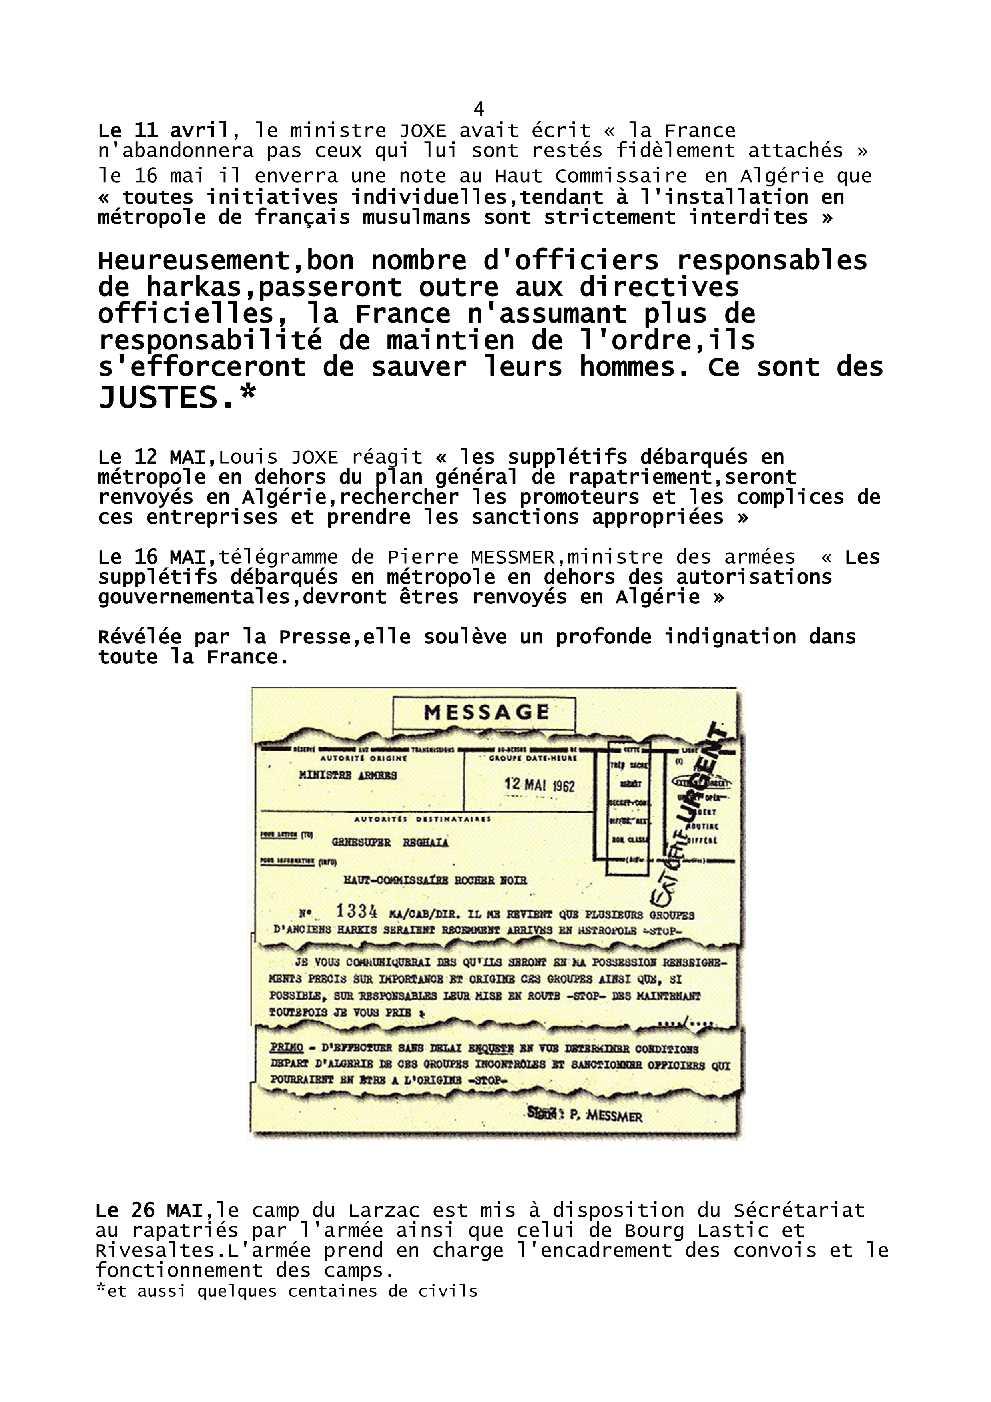 CONFERENCE HARKIS et JUSTES  SUJET Harkis62